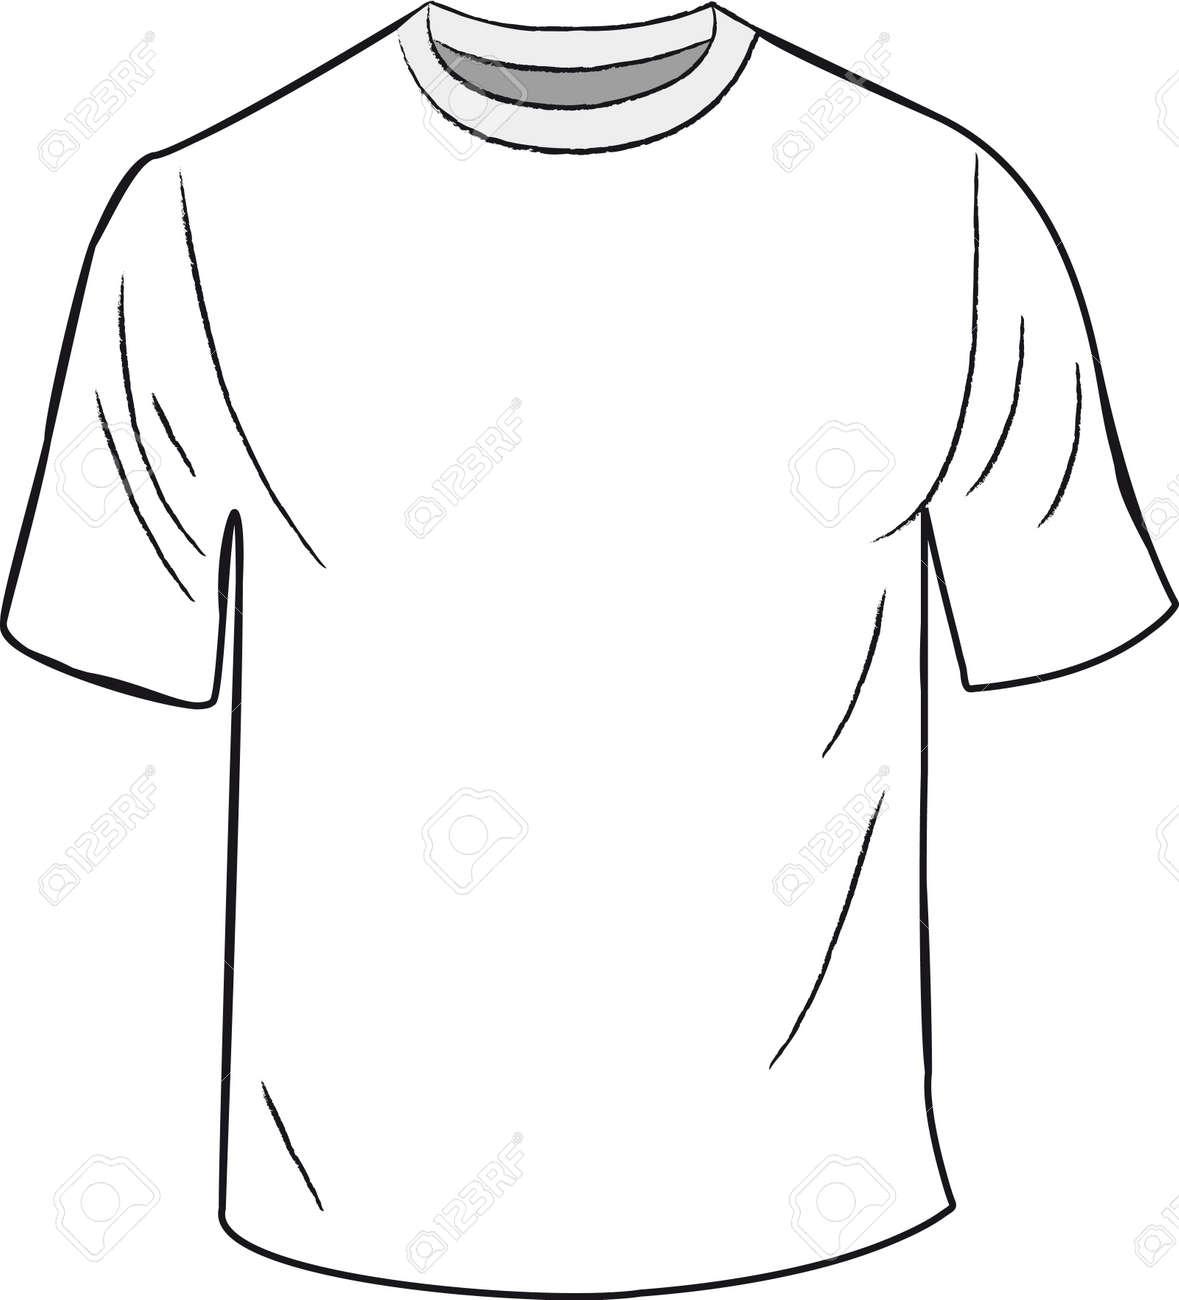 Weißes T-Shirt Design-Vorlage Lizenzfrei Nutzbare Vektorgrafiken ...